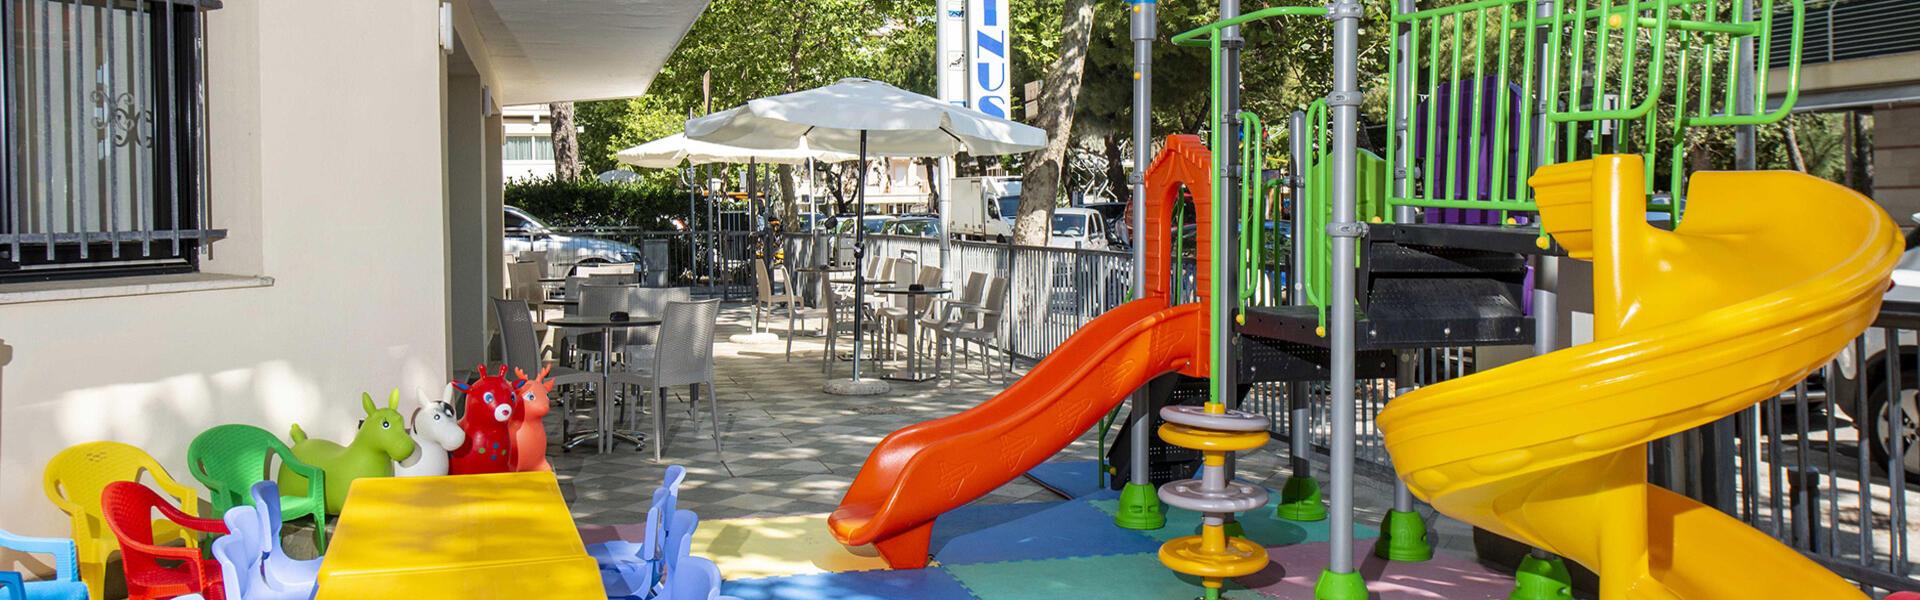 gambrinusrimini it hotel-per-famiglie-rimini 012